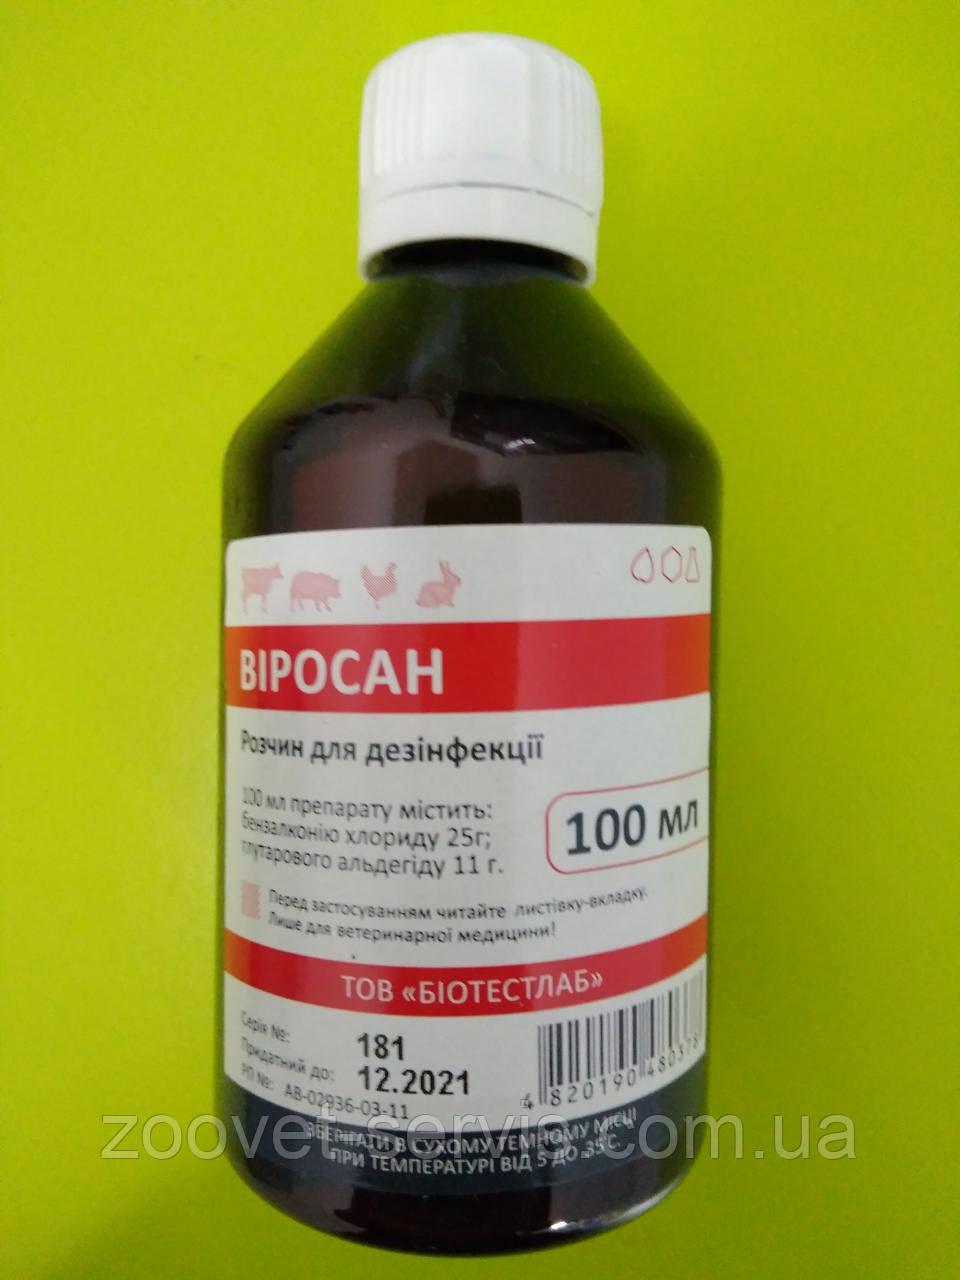 Комплексное моюще-дезинфицирующее средствоВиросан